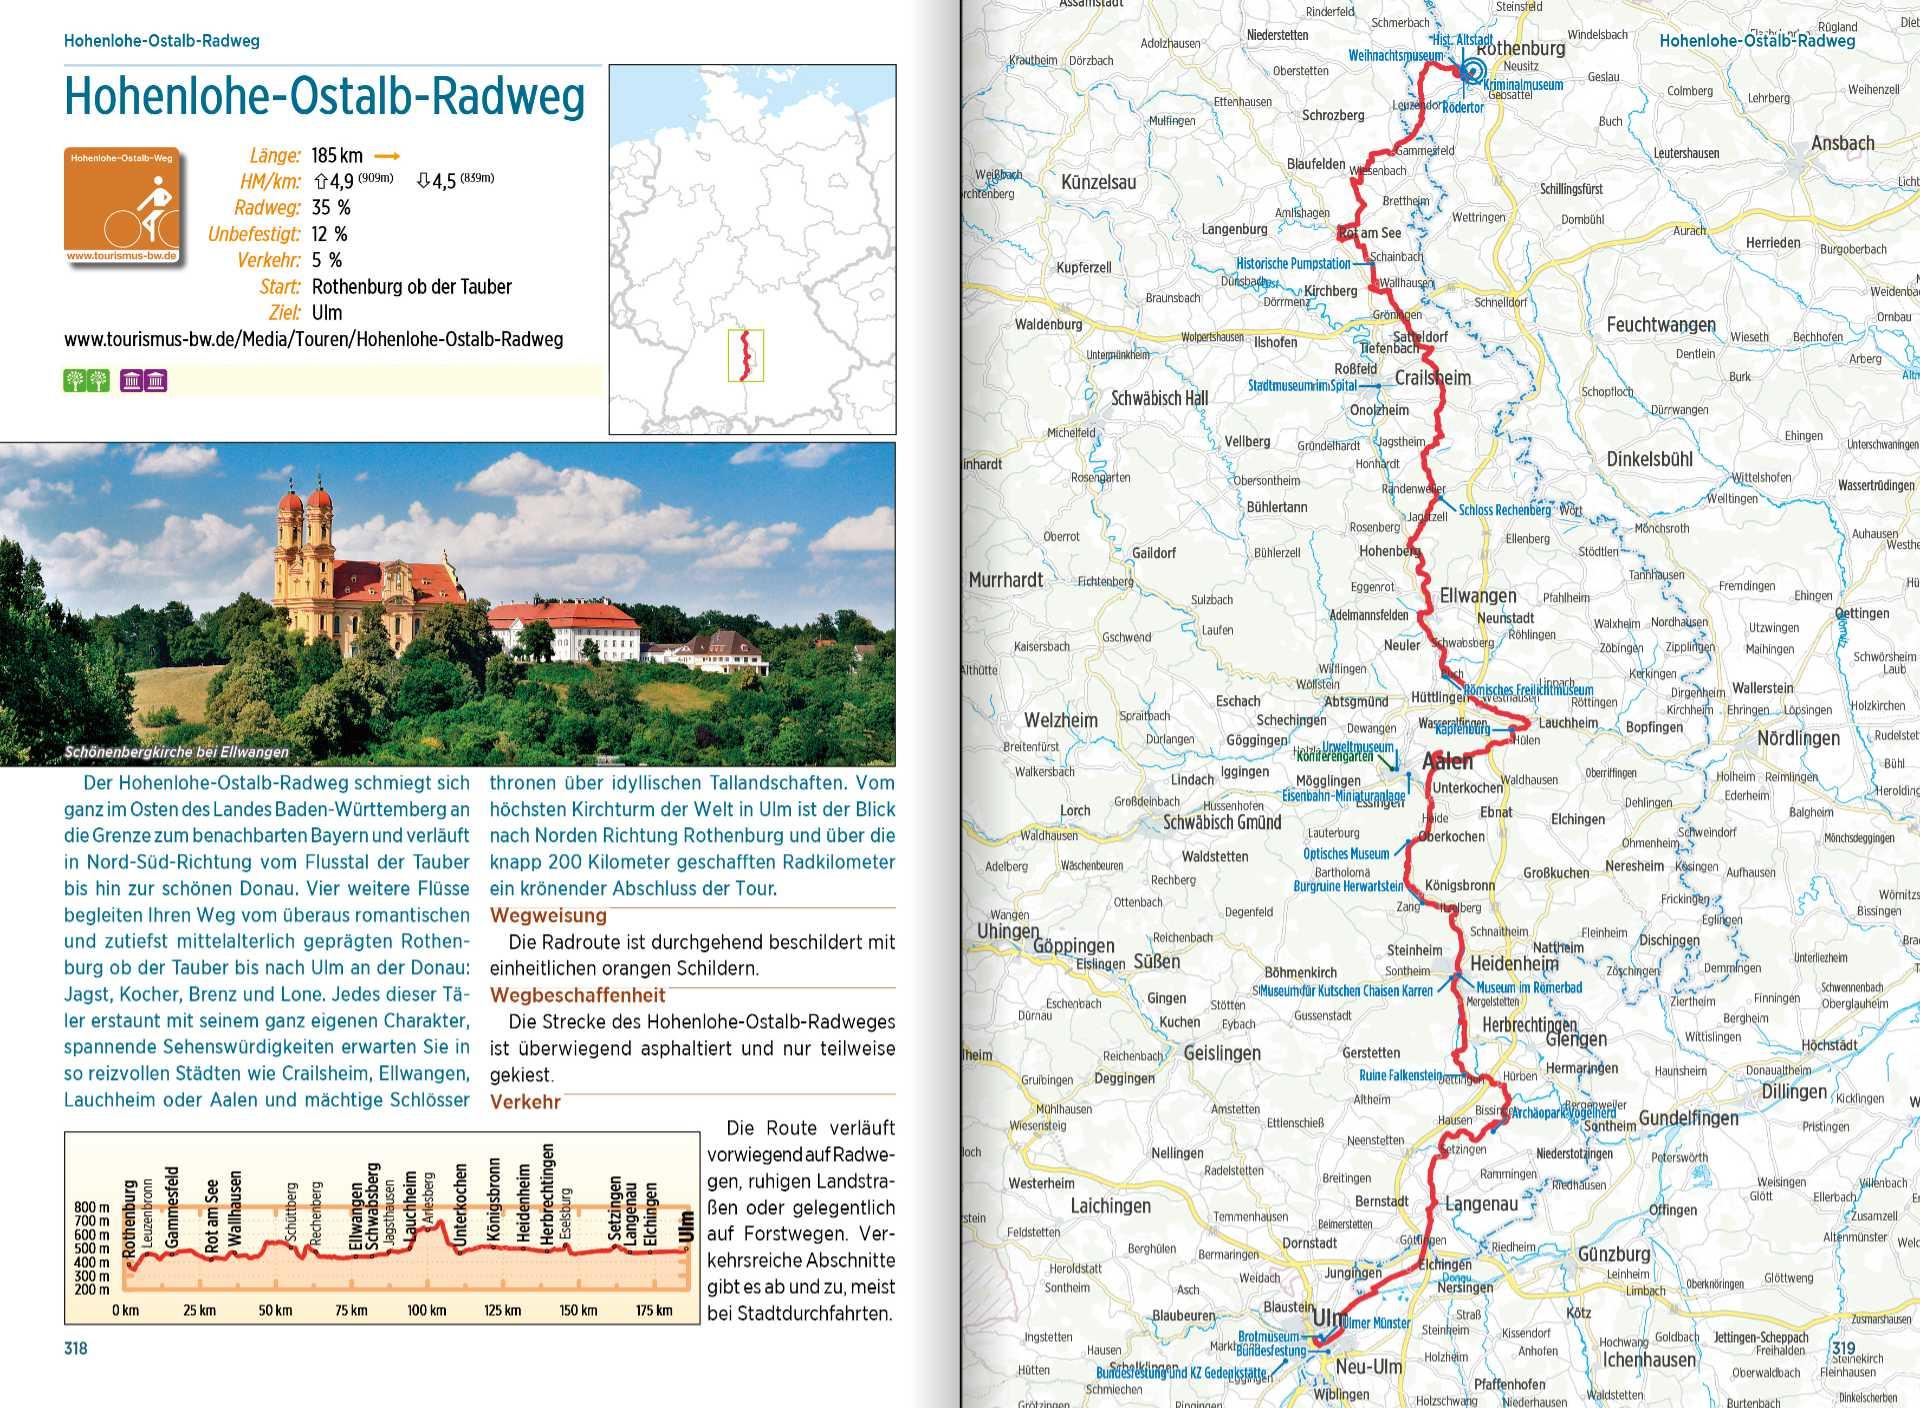 bikeline Überblickswerke - Beispielseite Radfernwege